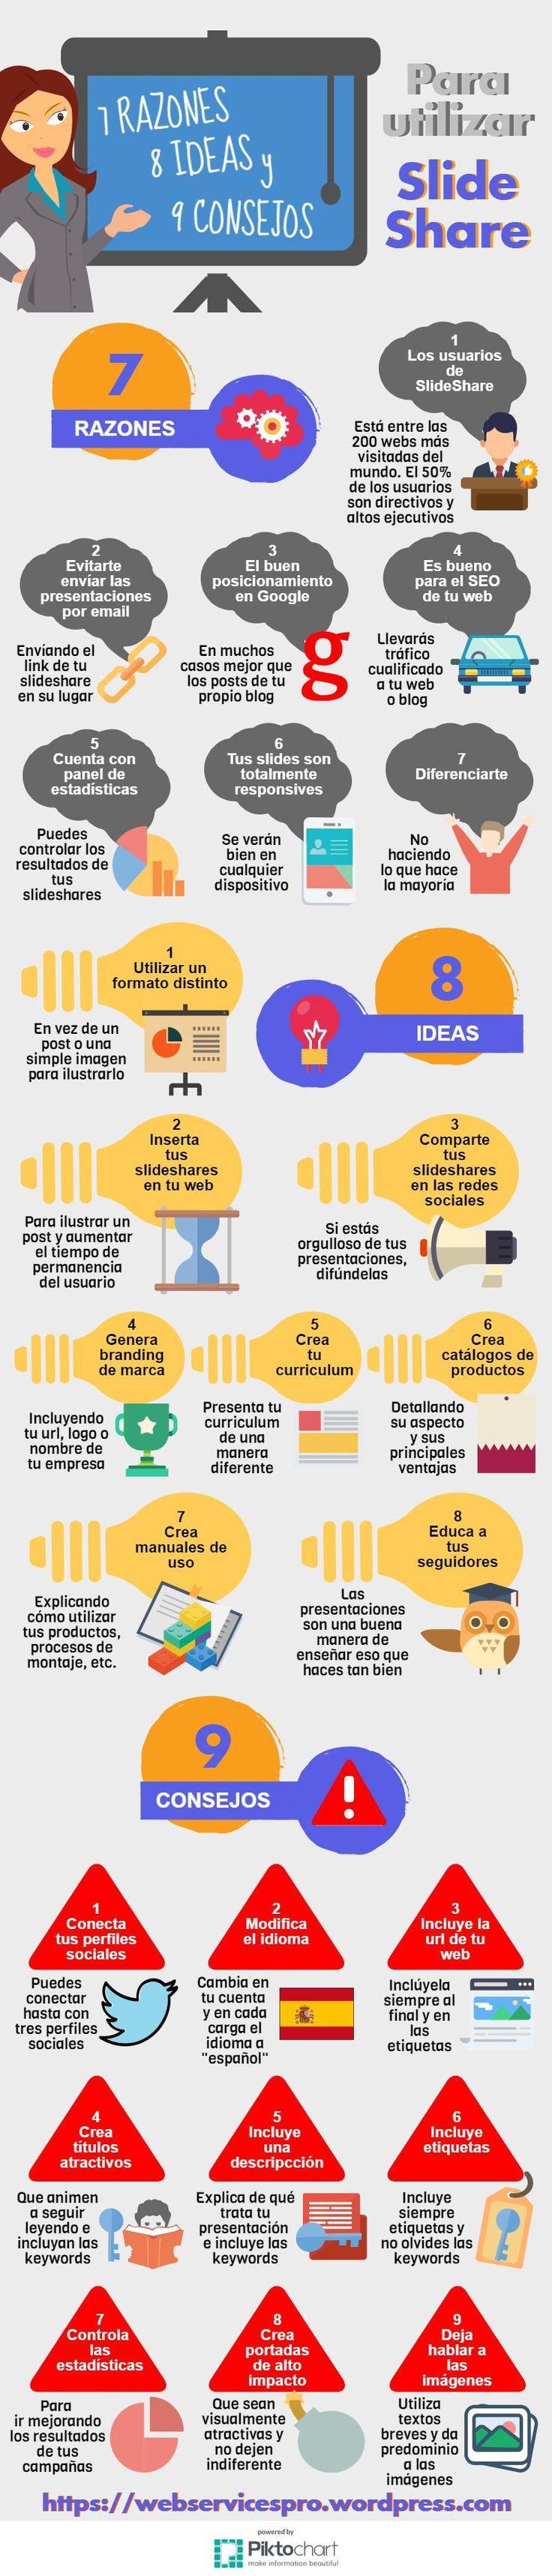 En este post te contamos cómo funciona SlideShare y te damos siete razones, ocho ideas y nueve consejos para utlizar SlideShare en tu estrategia de contenidos generando branding para tu marca y mej… #SlideShare #SocialMedia #Infografía